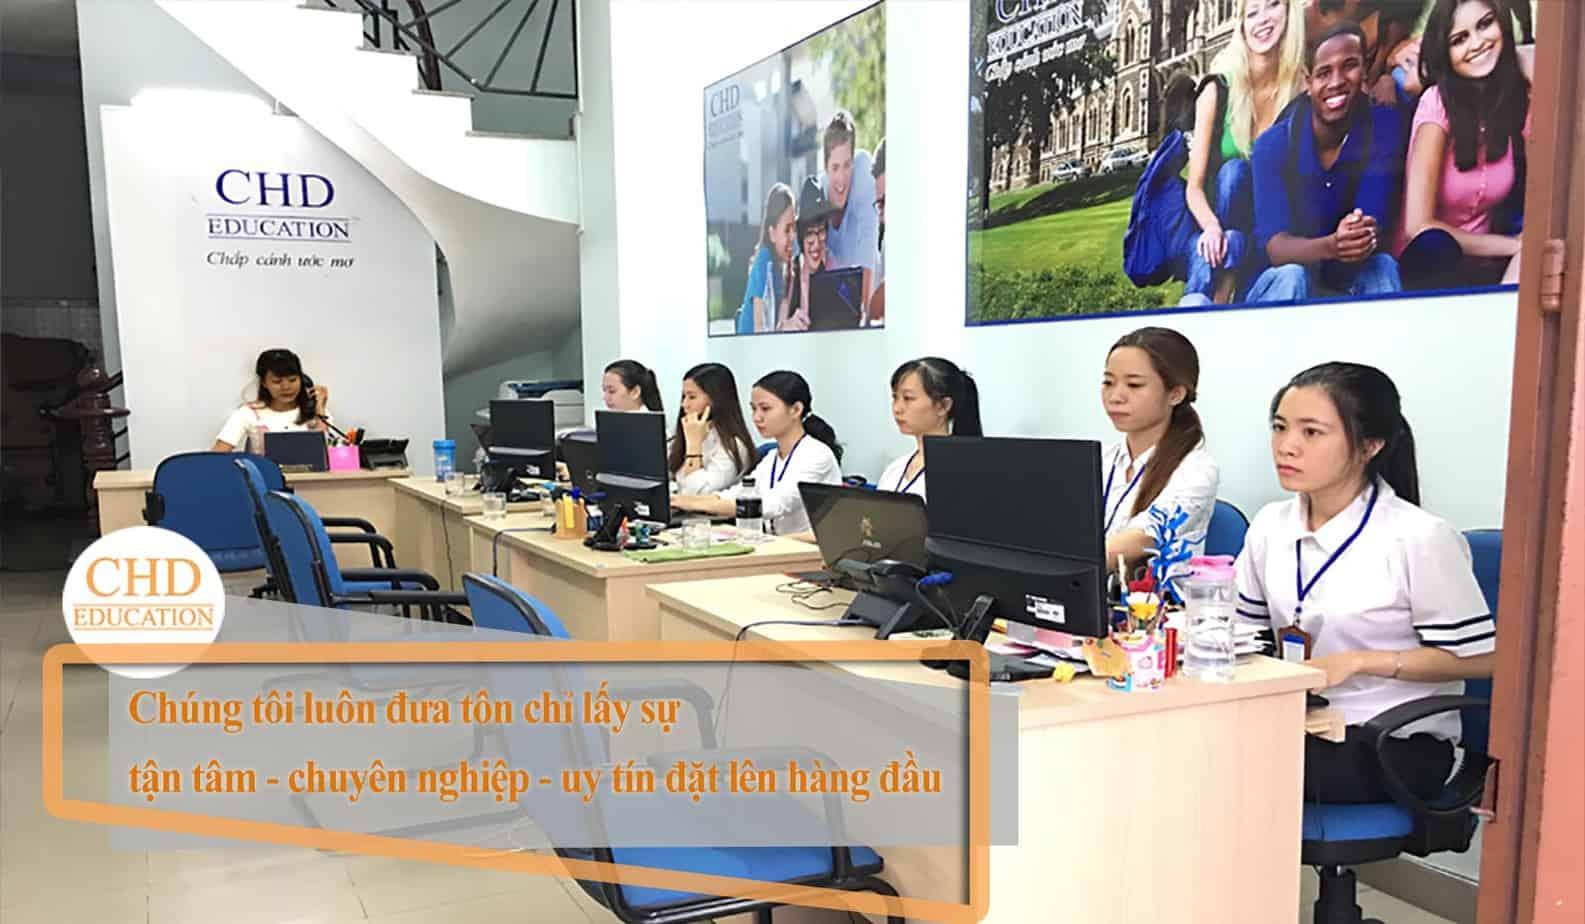 Top 10 Trung Tâm Tư Vấn Du Học Úc Đảm Bảo Chất Lượng Tại Hà Nội -  - Công Ty CP Giáo Dục Vietint | Công Ty CPĐT Và Du Học EduTrust | Công Ty Du Học INDEC 37